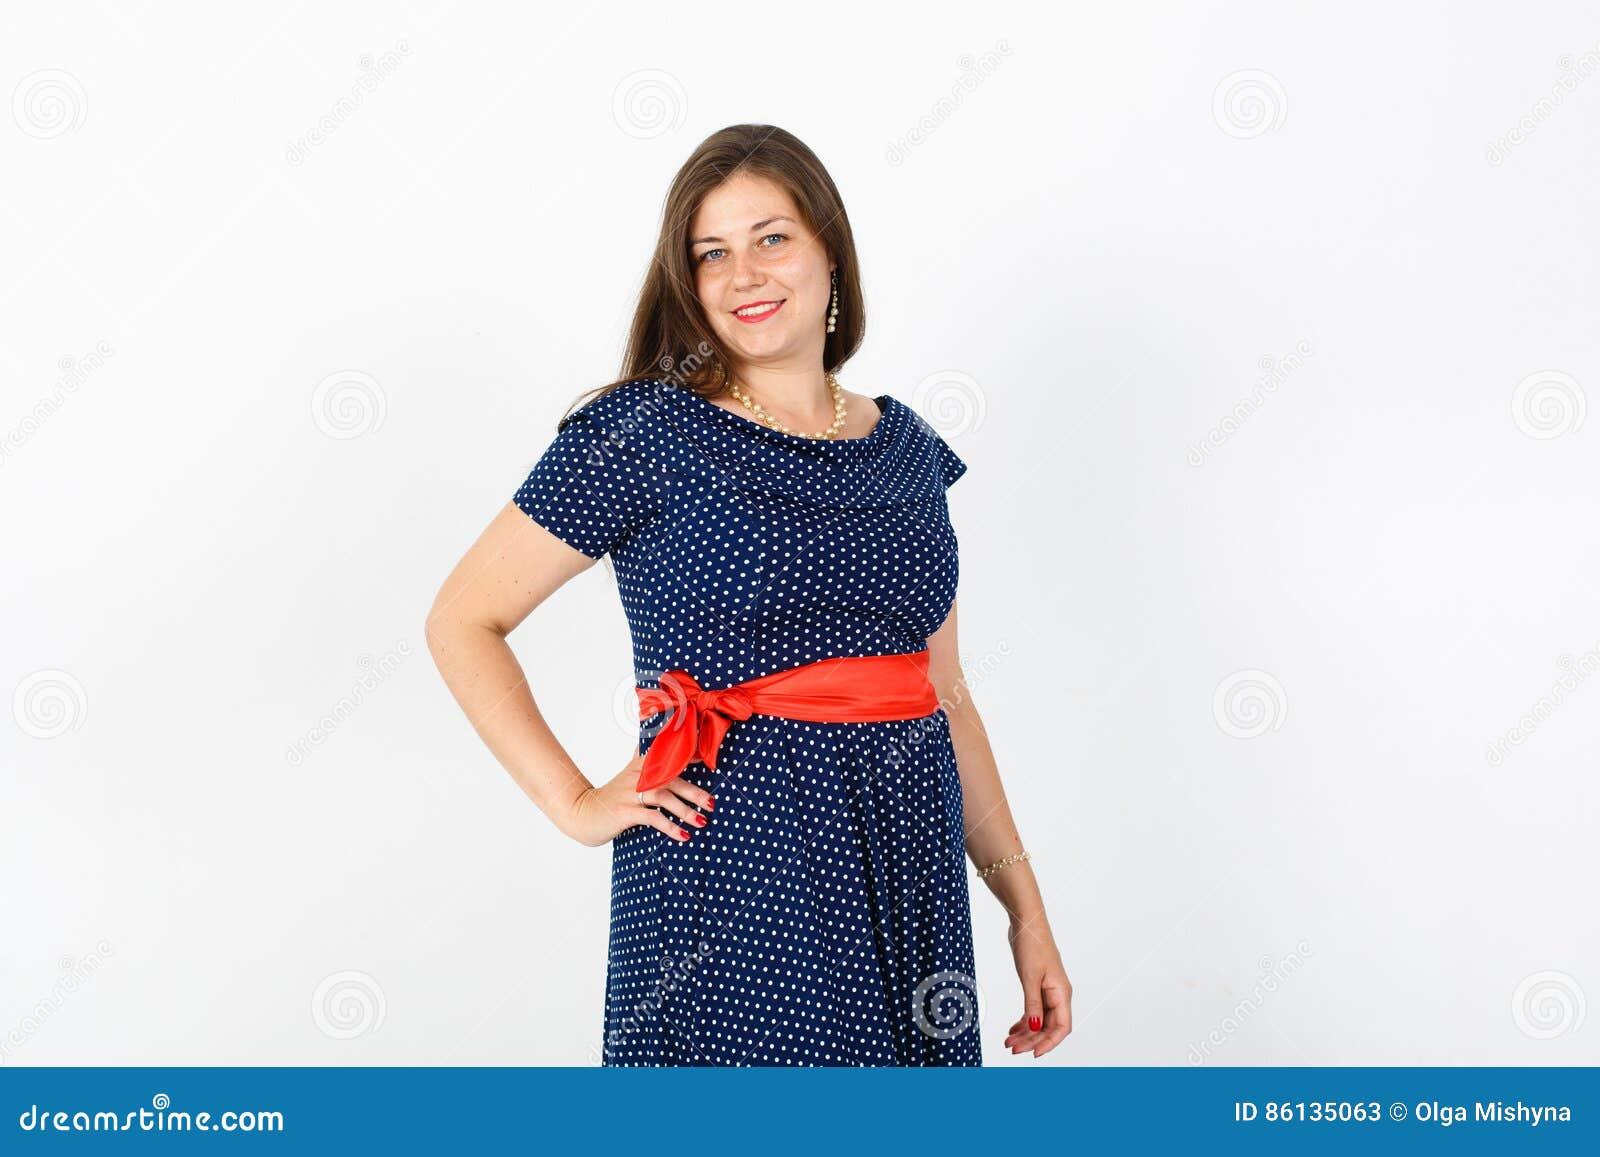 Молодая пухлая девушка фото русской